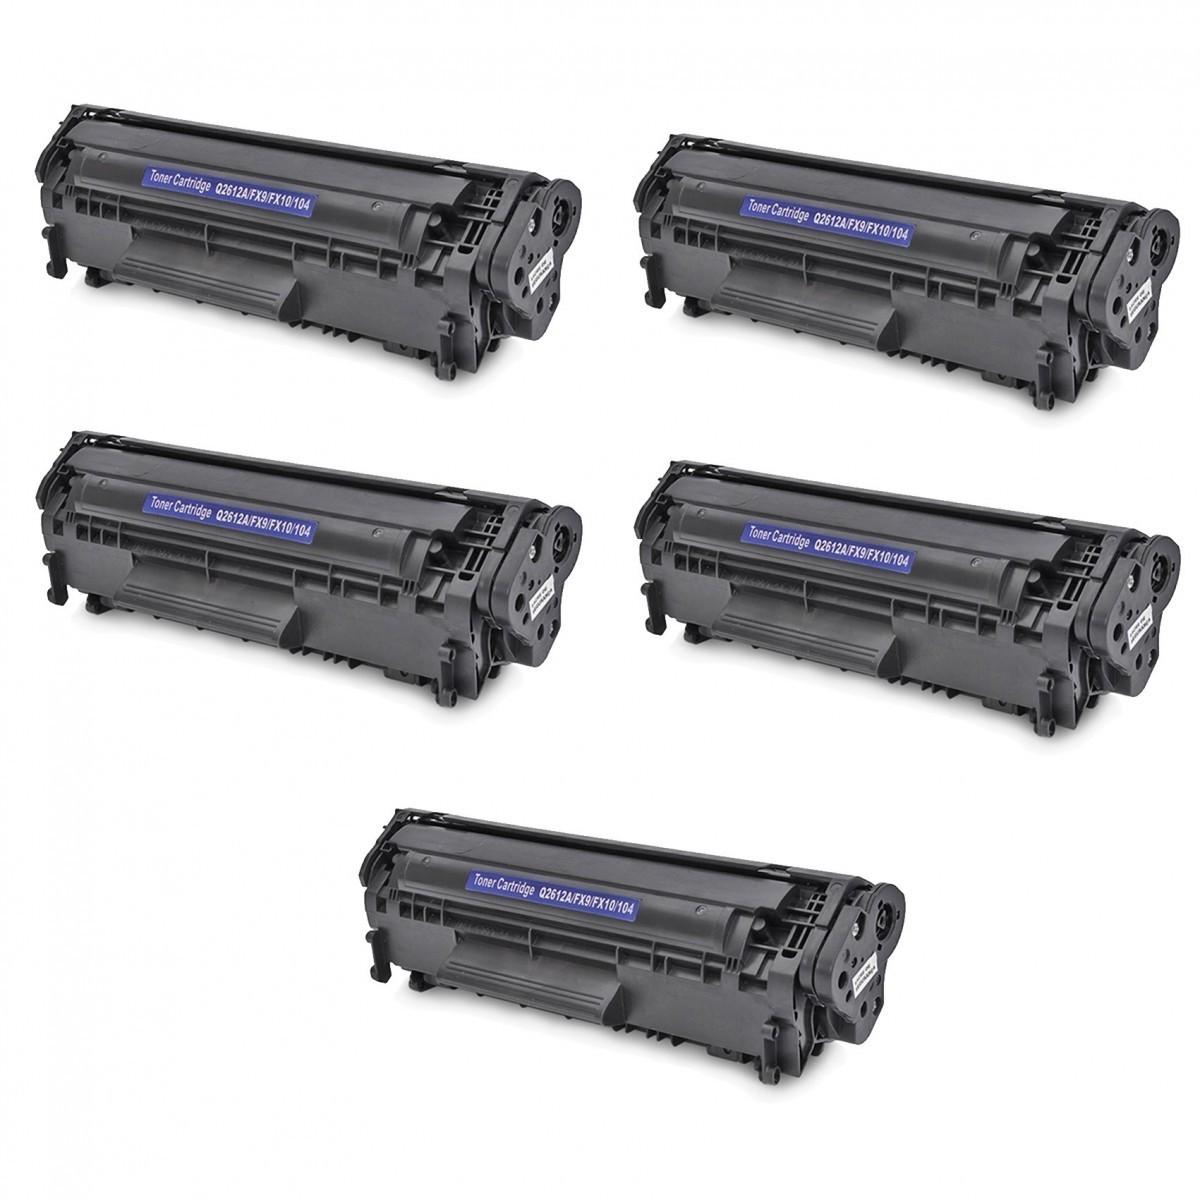 TONER HP 2612 A COMP. (PERSONAL) - COM 5 UNIDADES LaserJet HP 3050, 3050Z, HP 1020, HP 1018, HP 1010, 1012, HP 1015, HP 1022, HP M1005, HP 3015, 3015, 3020, 3030, 3052, 3055, M1319, HP 1022nw e 1022n